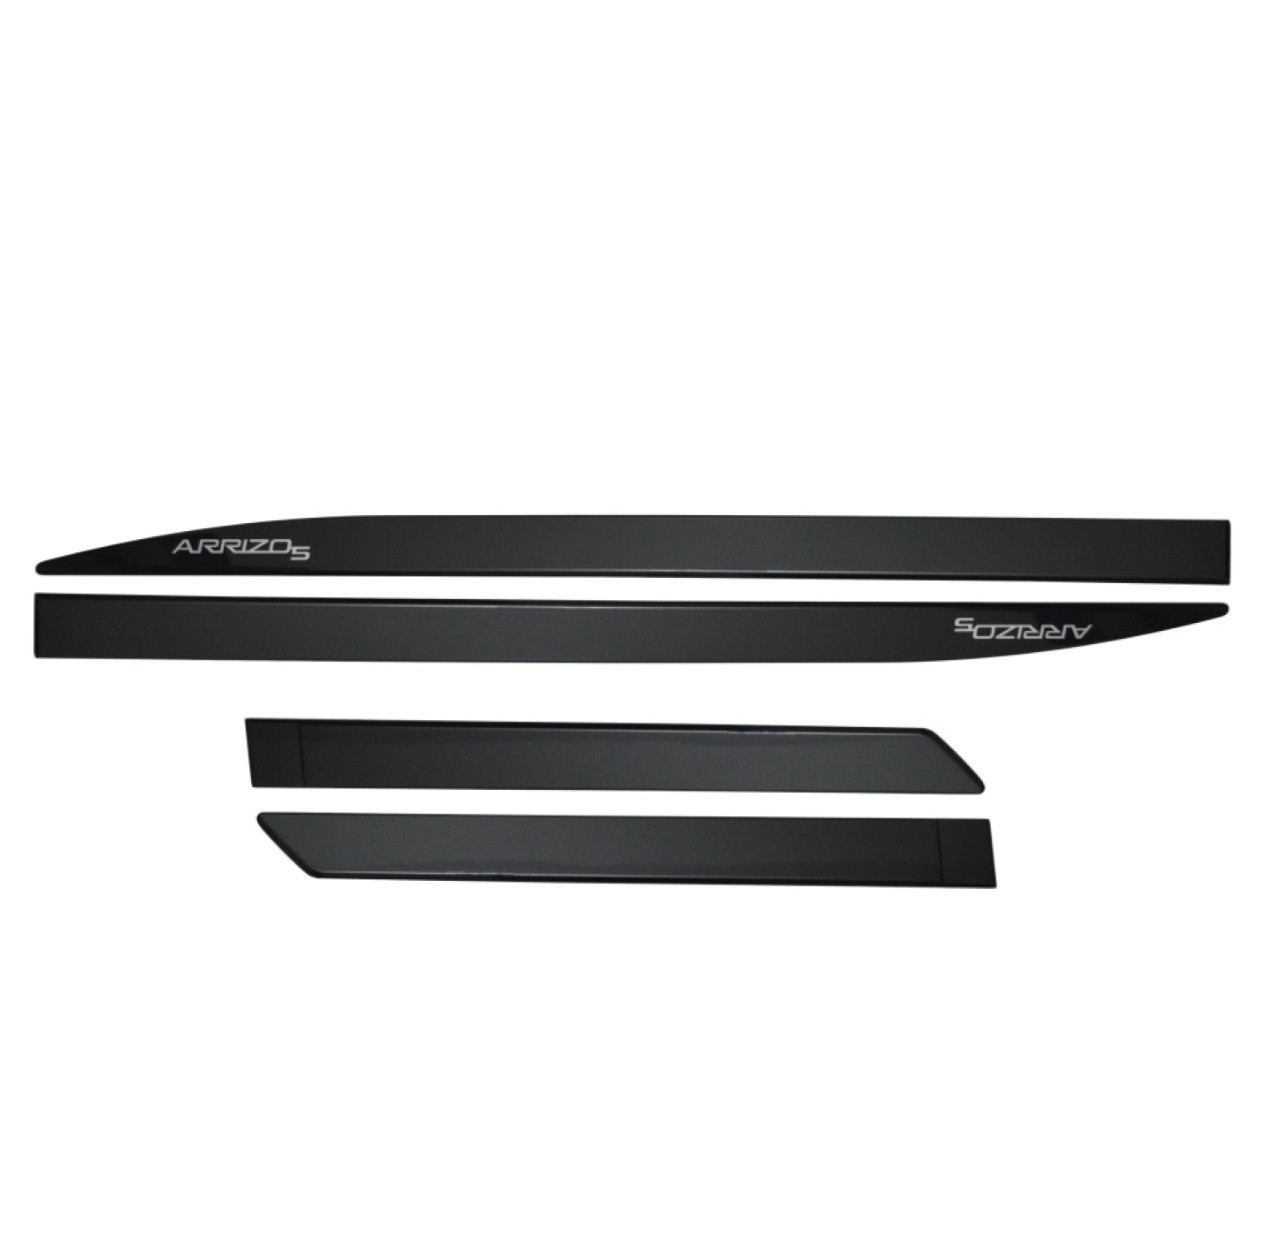 Kit Friso Personalizado Lateral Arrizo 5 Cinza Escuro